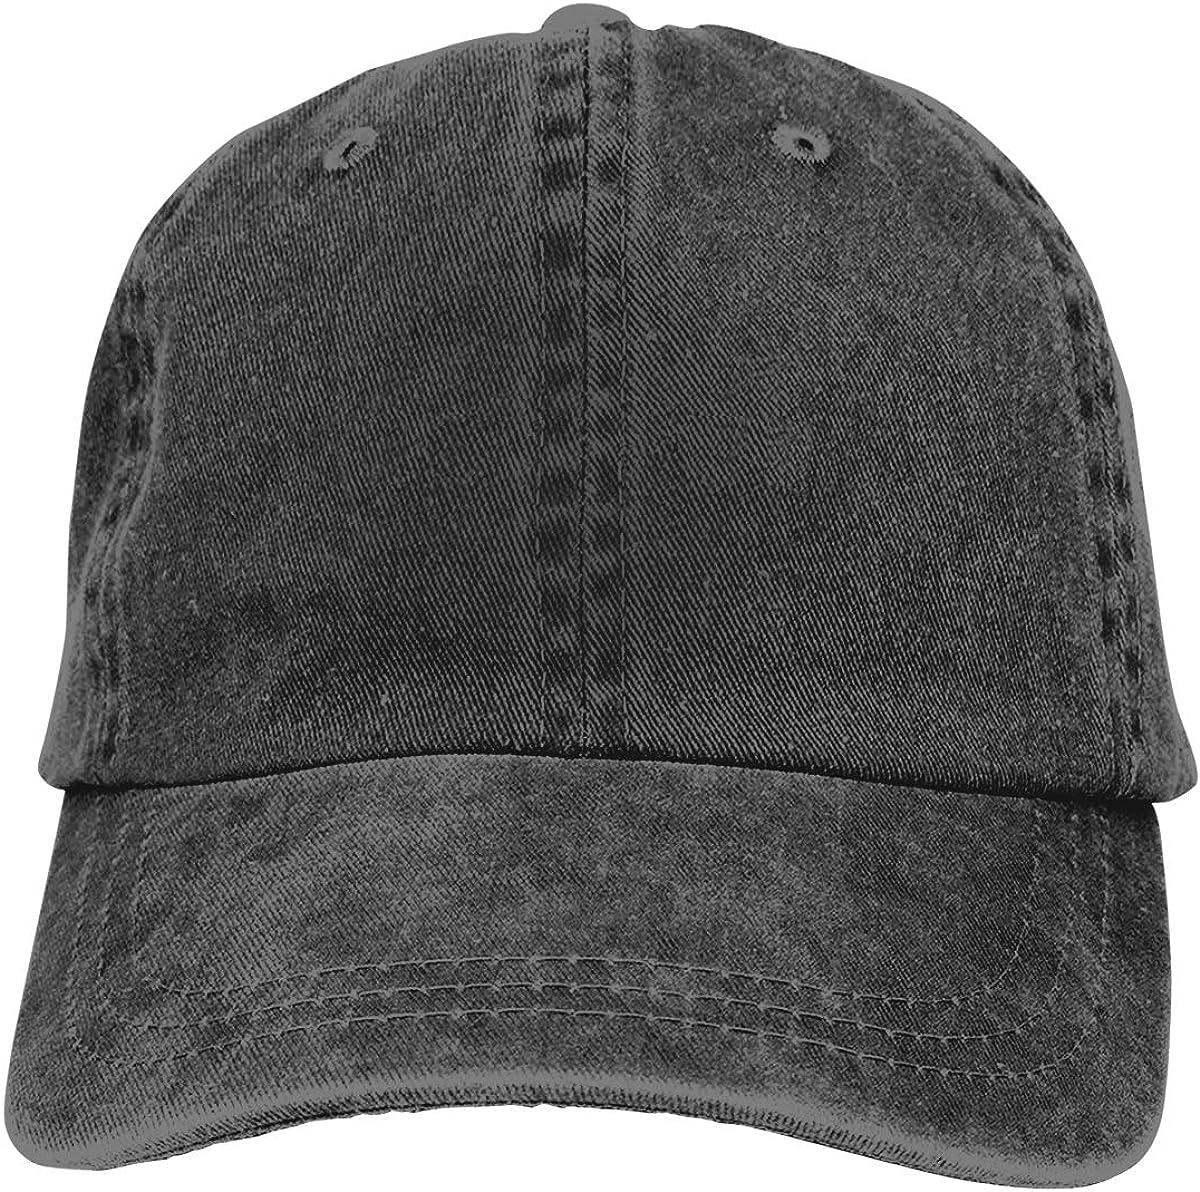 Cool Chicken Tiel with It Fashion Unisex Washed Cap Adjustable Dads Denim Stetson Hat